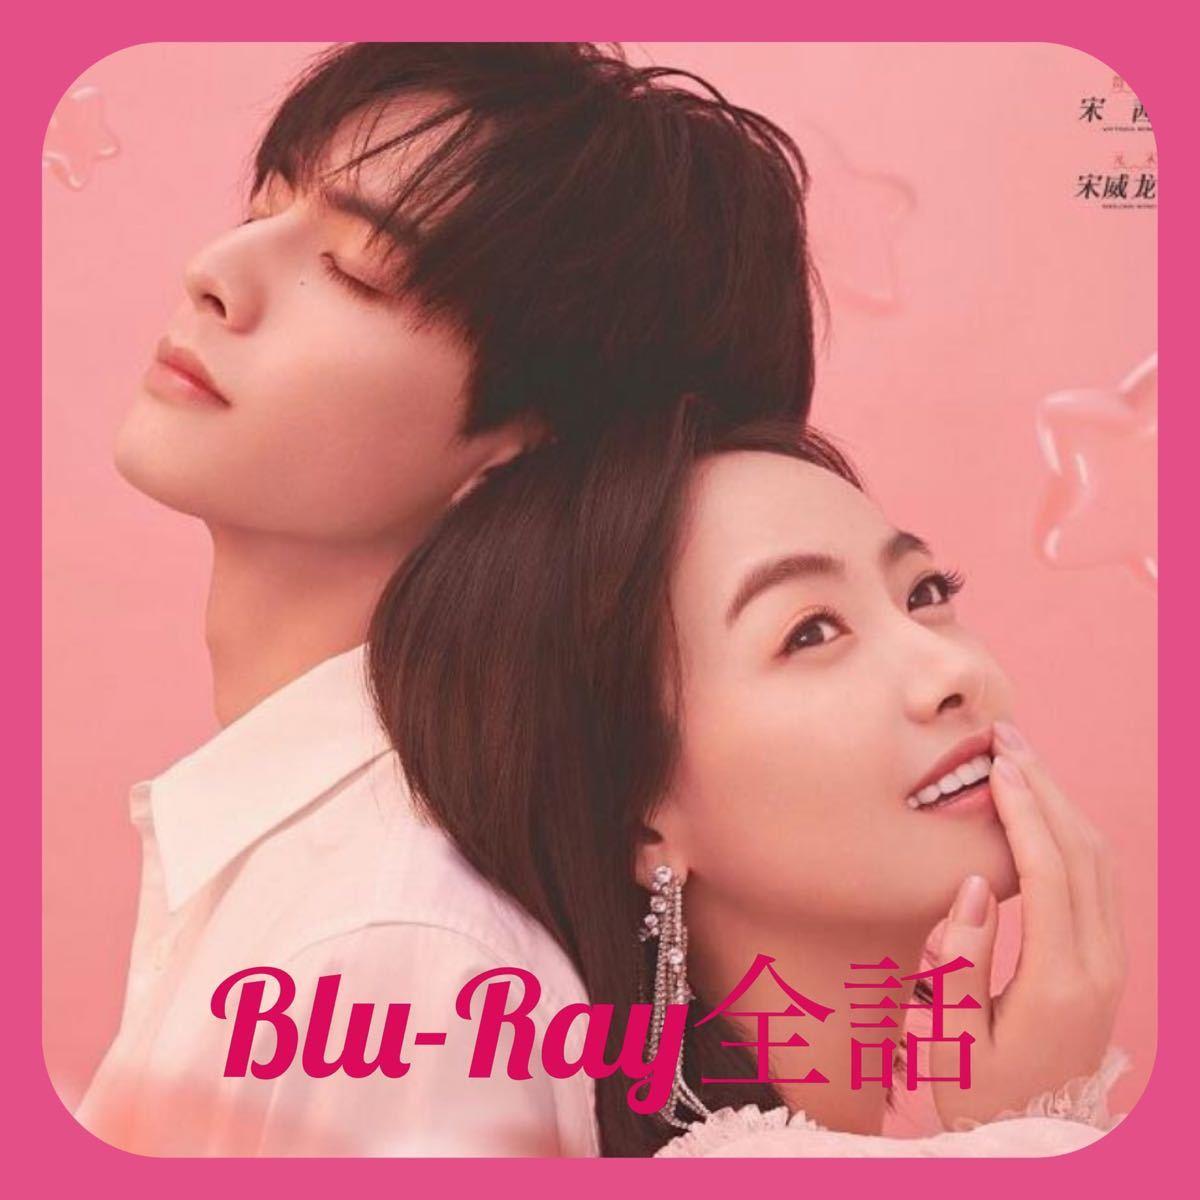 中国ドラマ 働く女子流ワタシ探し Blu-Ray 全話